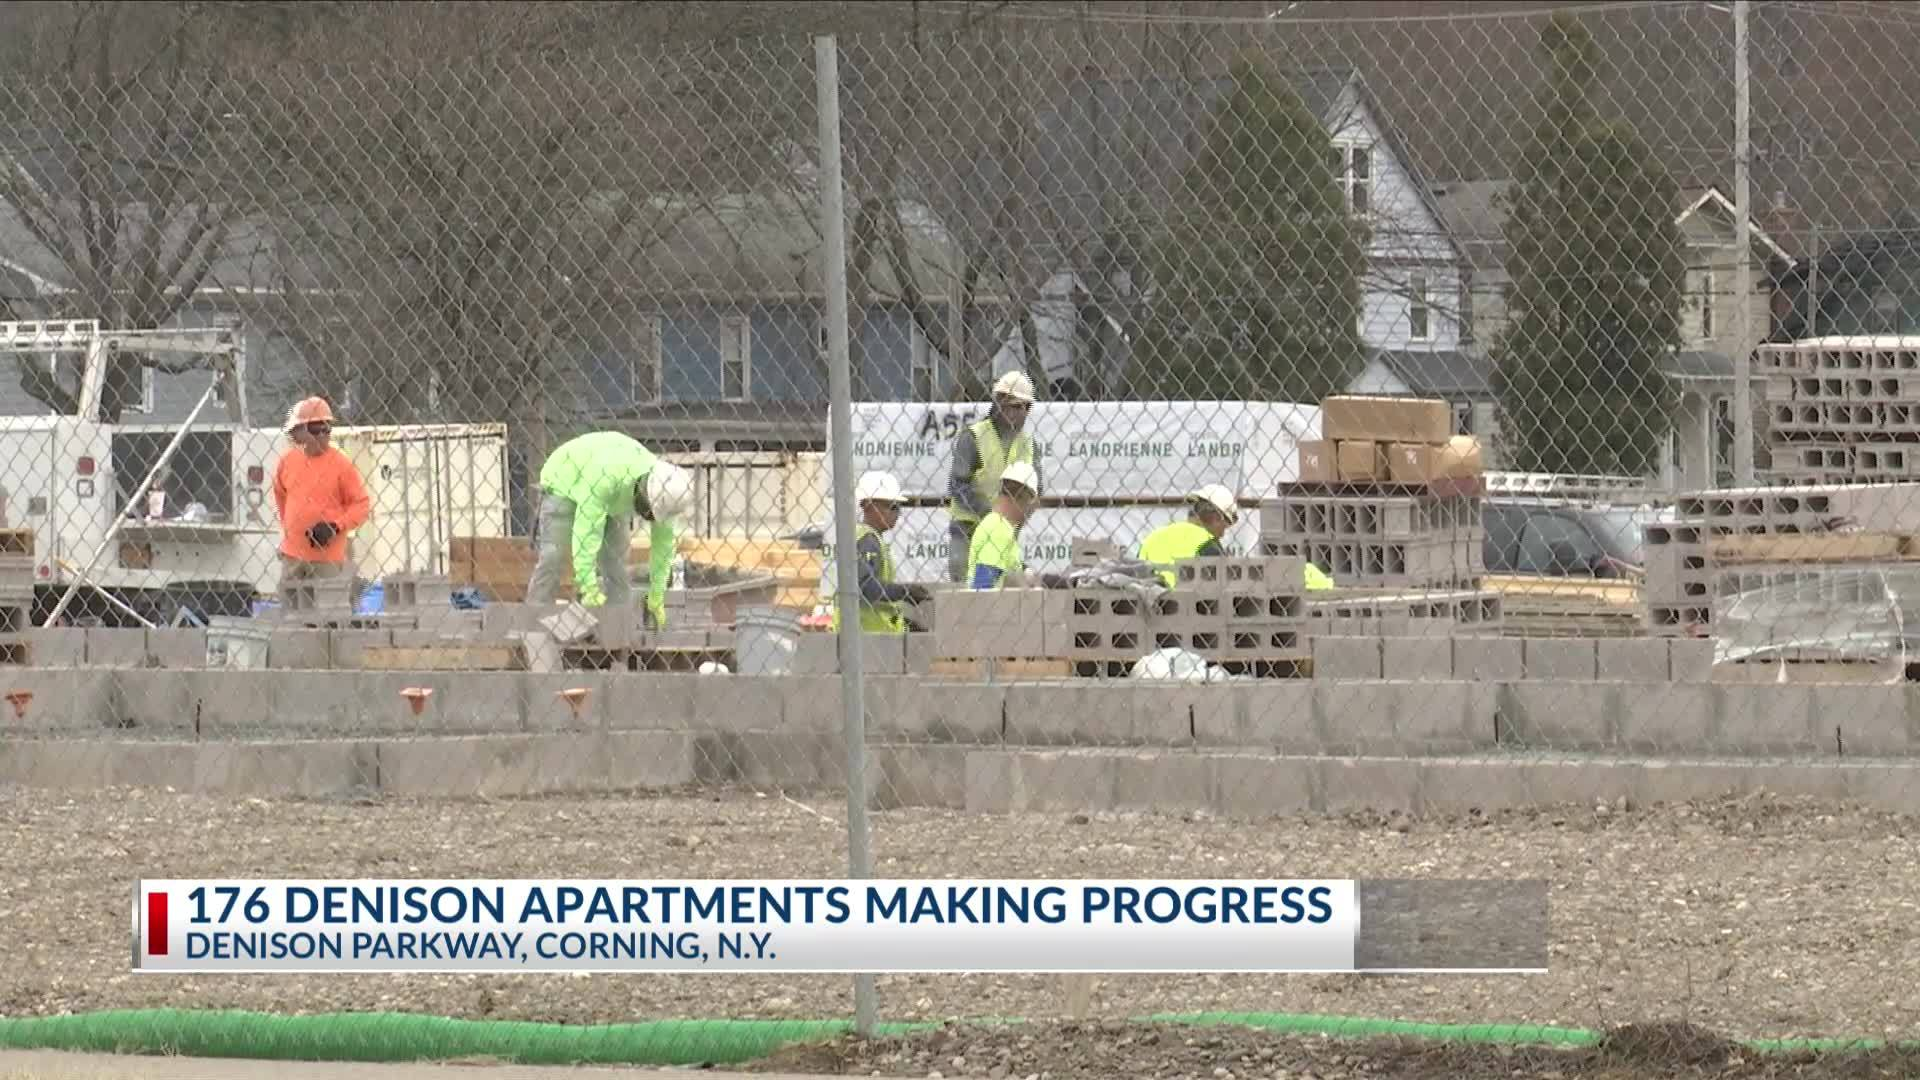 Denison_Parkway_Apartment_construction_p_8_20190328215206